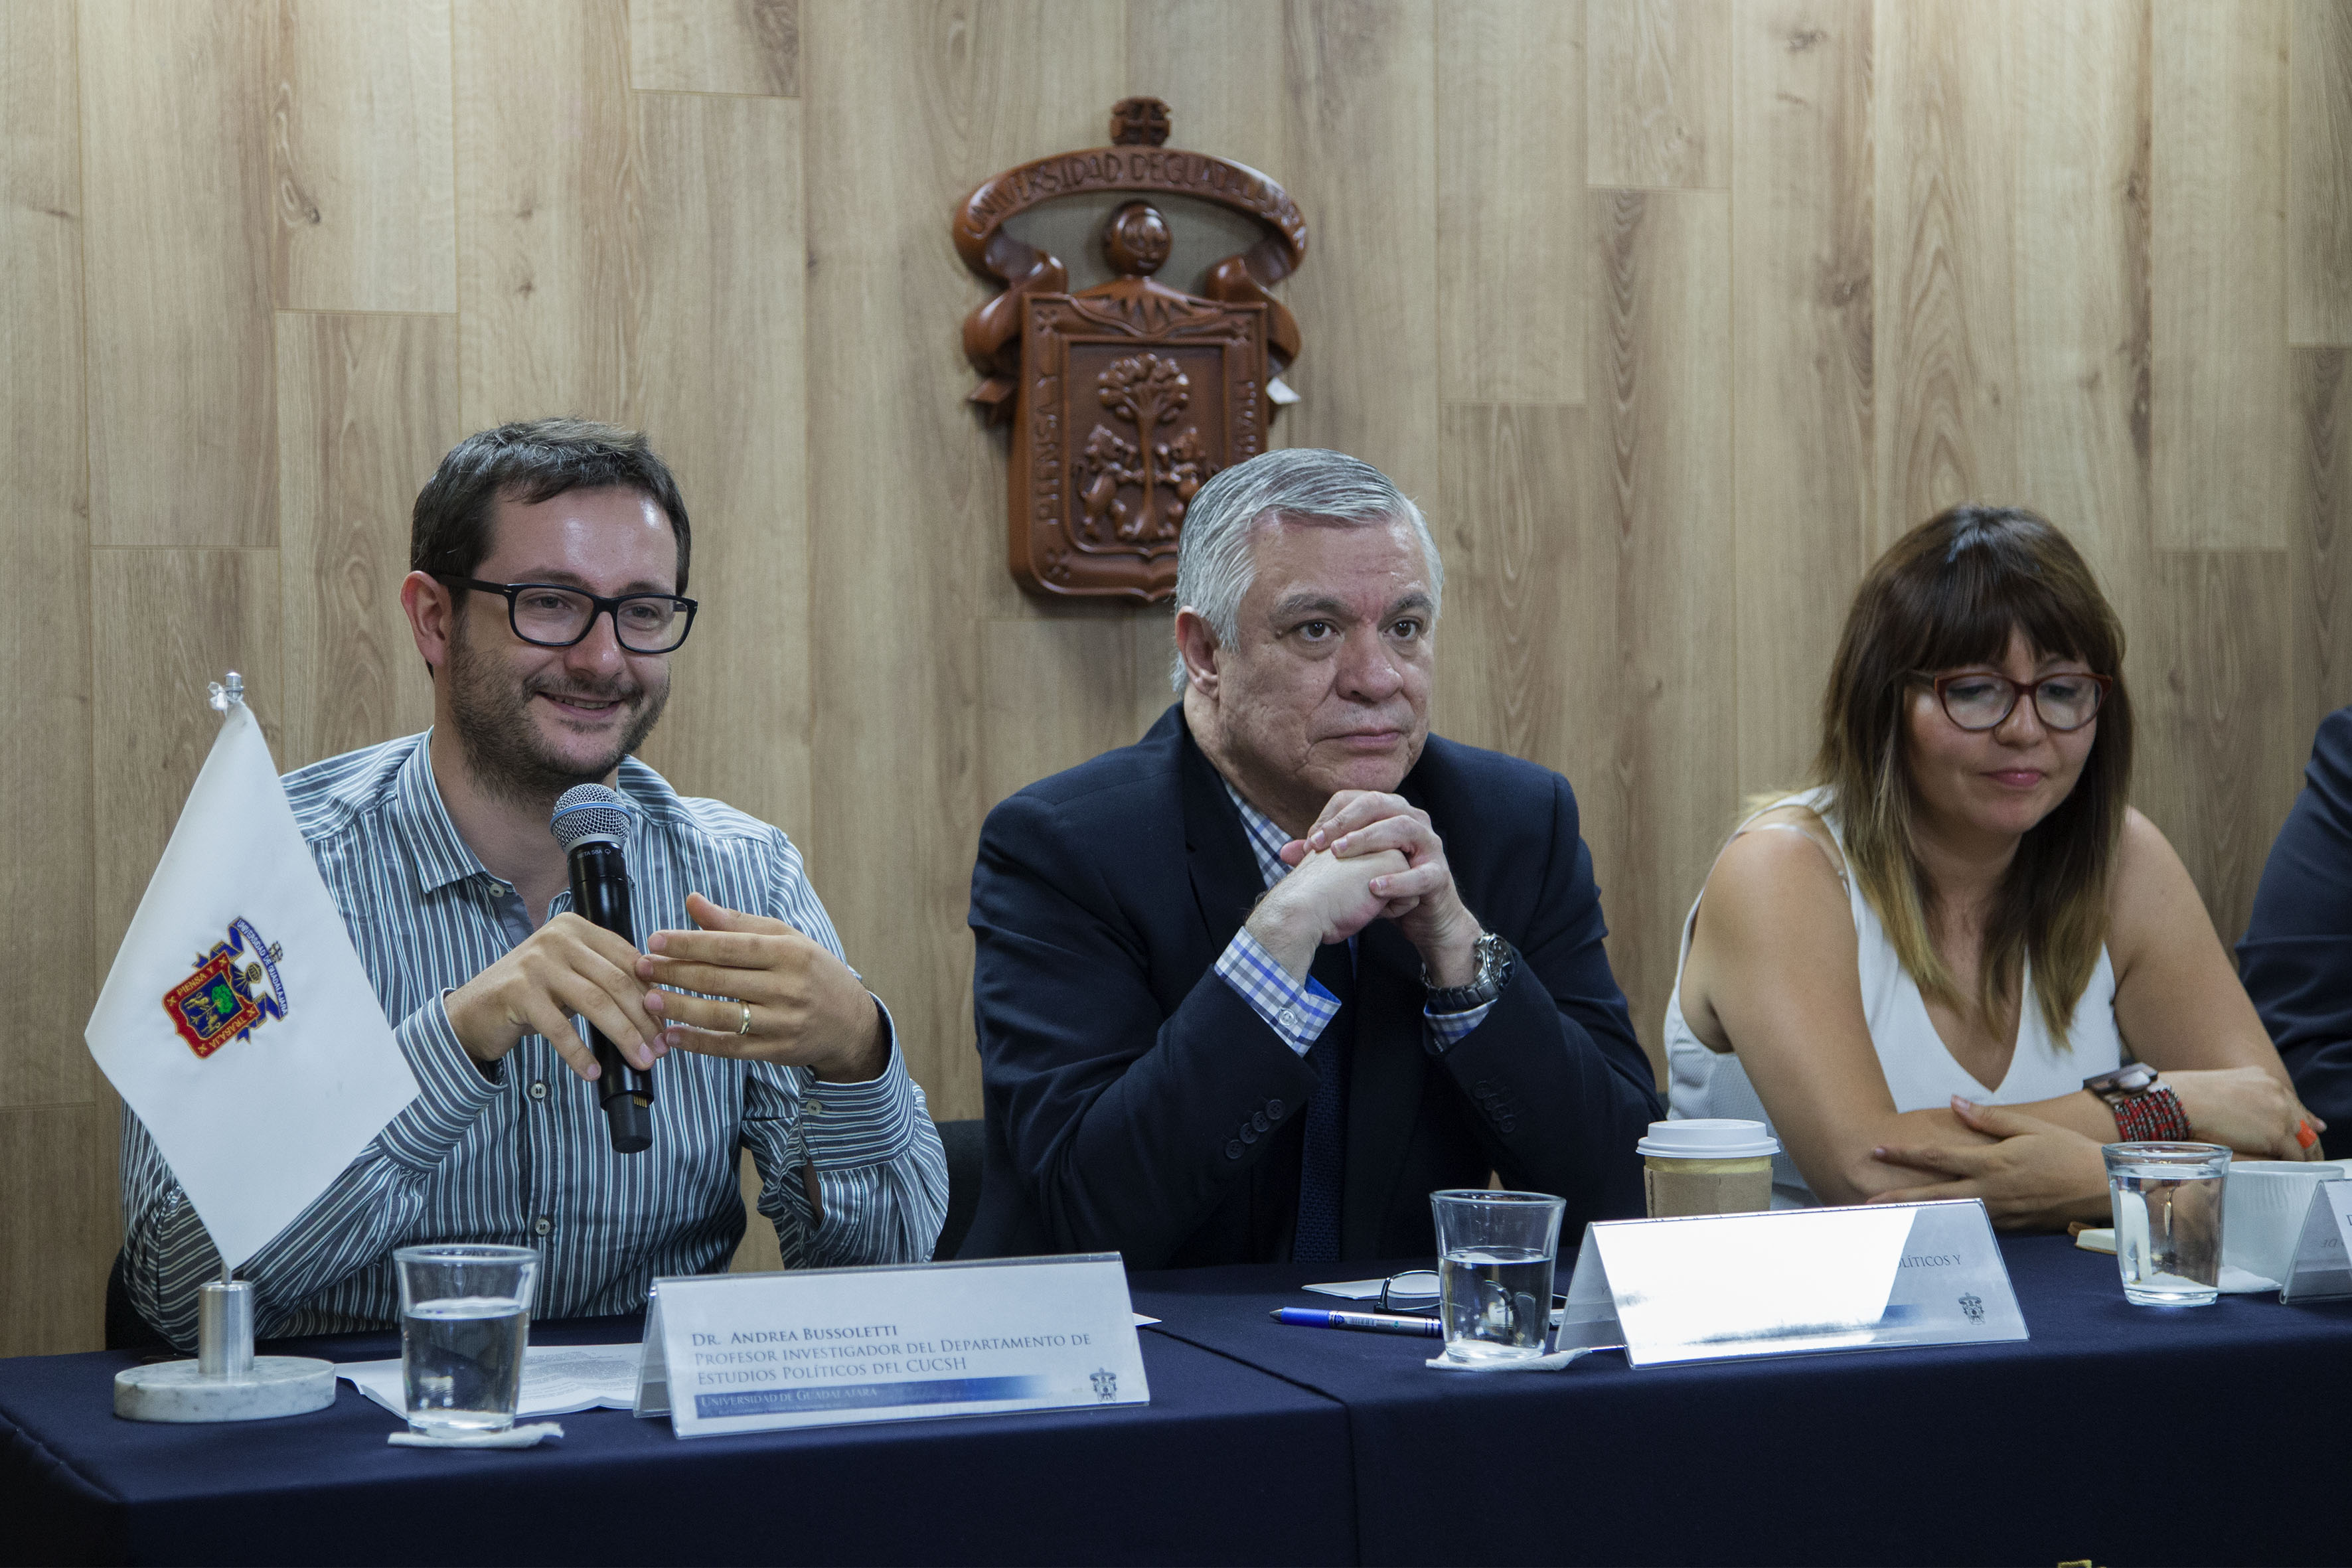 Doctor Andrea Bussoletti, profesor e investigador del Departamento de Estudios Políticos, haciendo uso de la palabra.